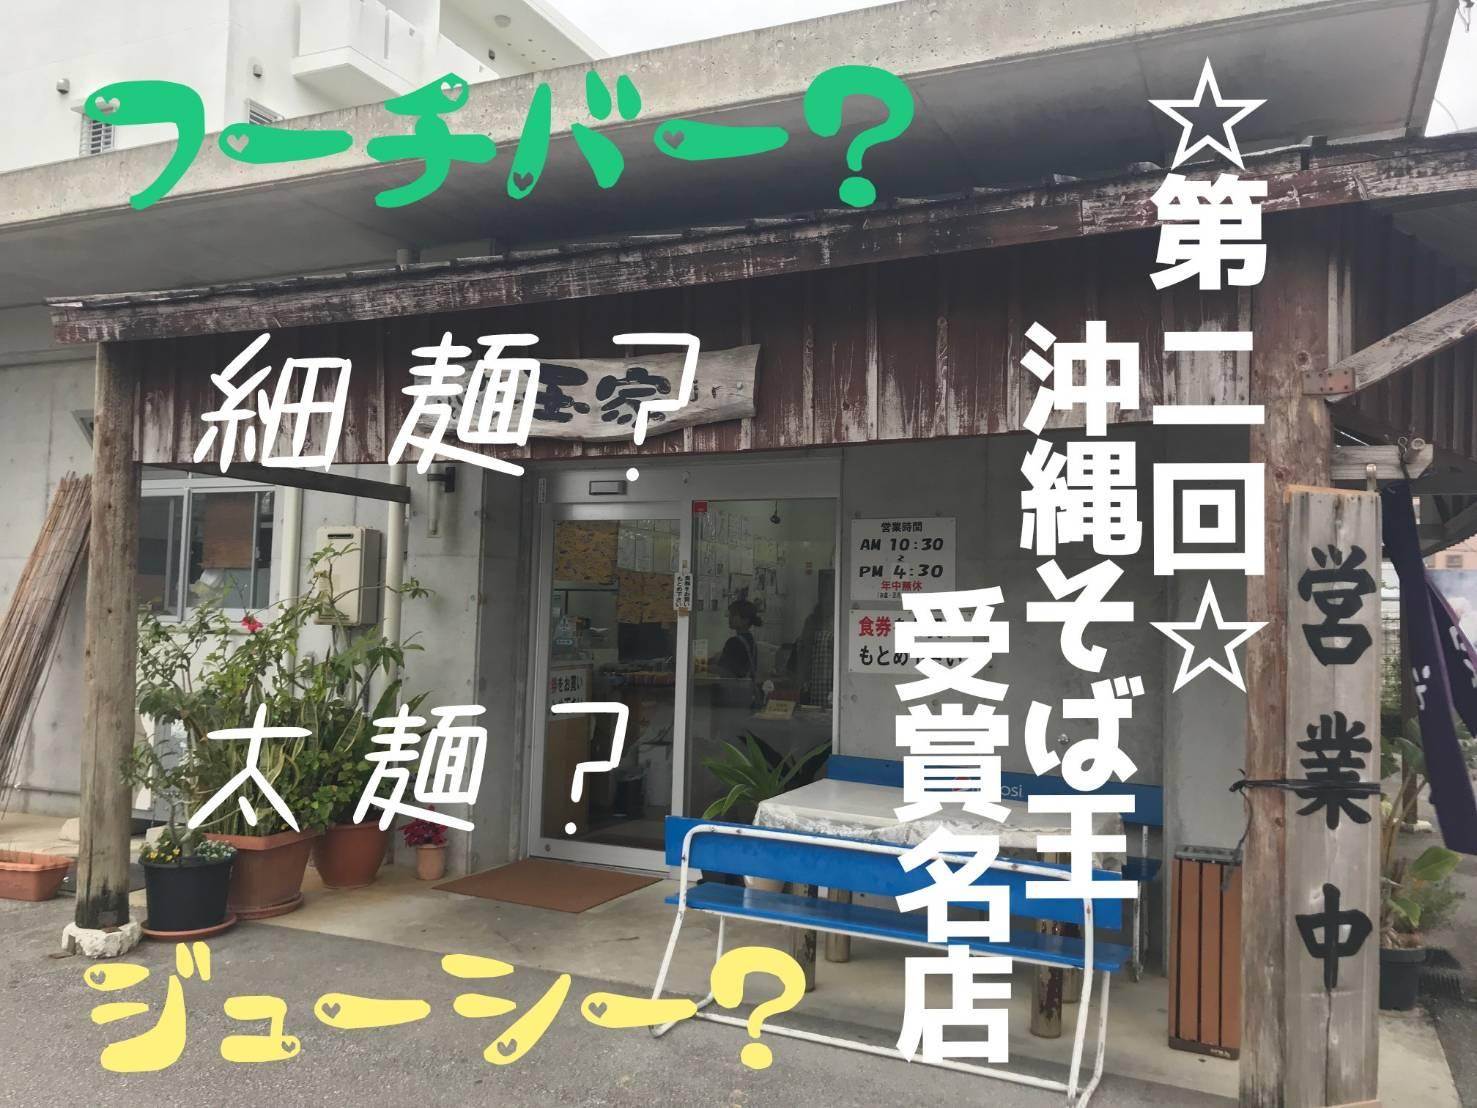 ★沖縄そば屋さんをご紹介第5弾:名護市のお蕎麦屋さん(@玉家Jr)